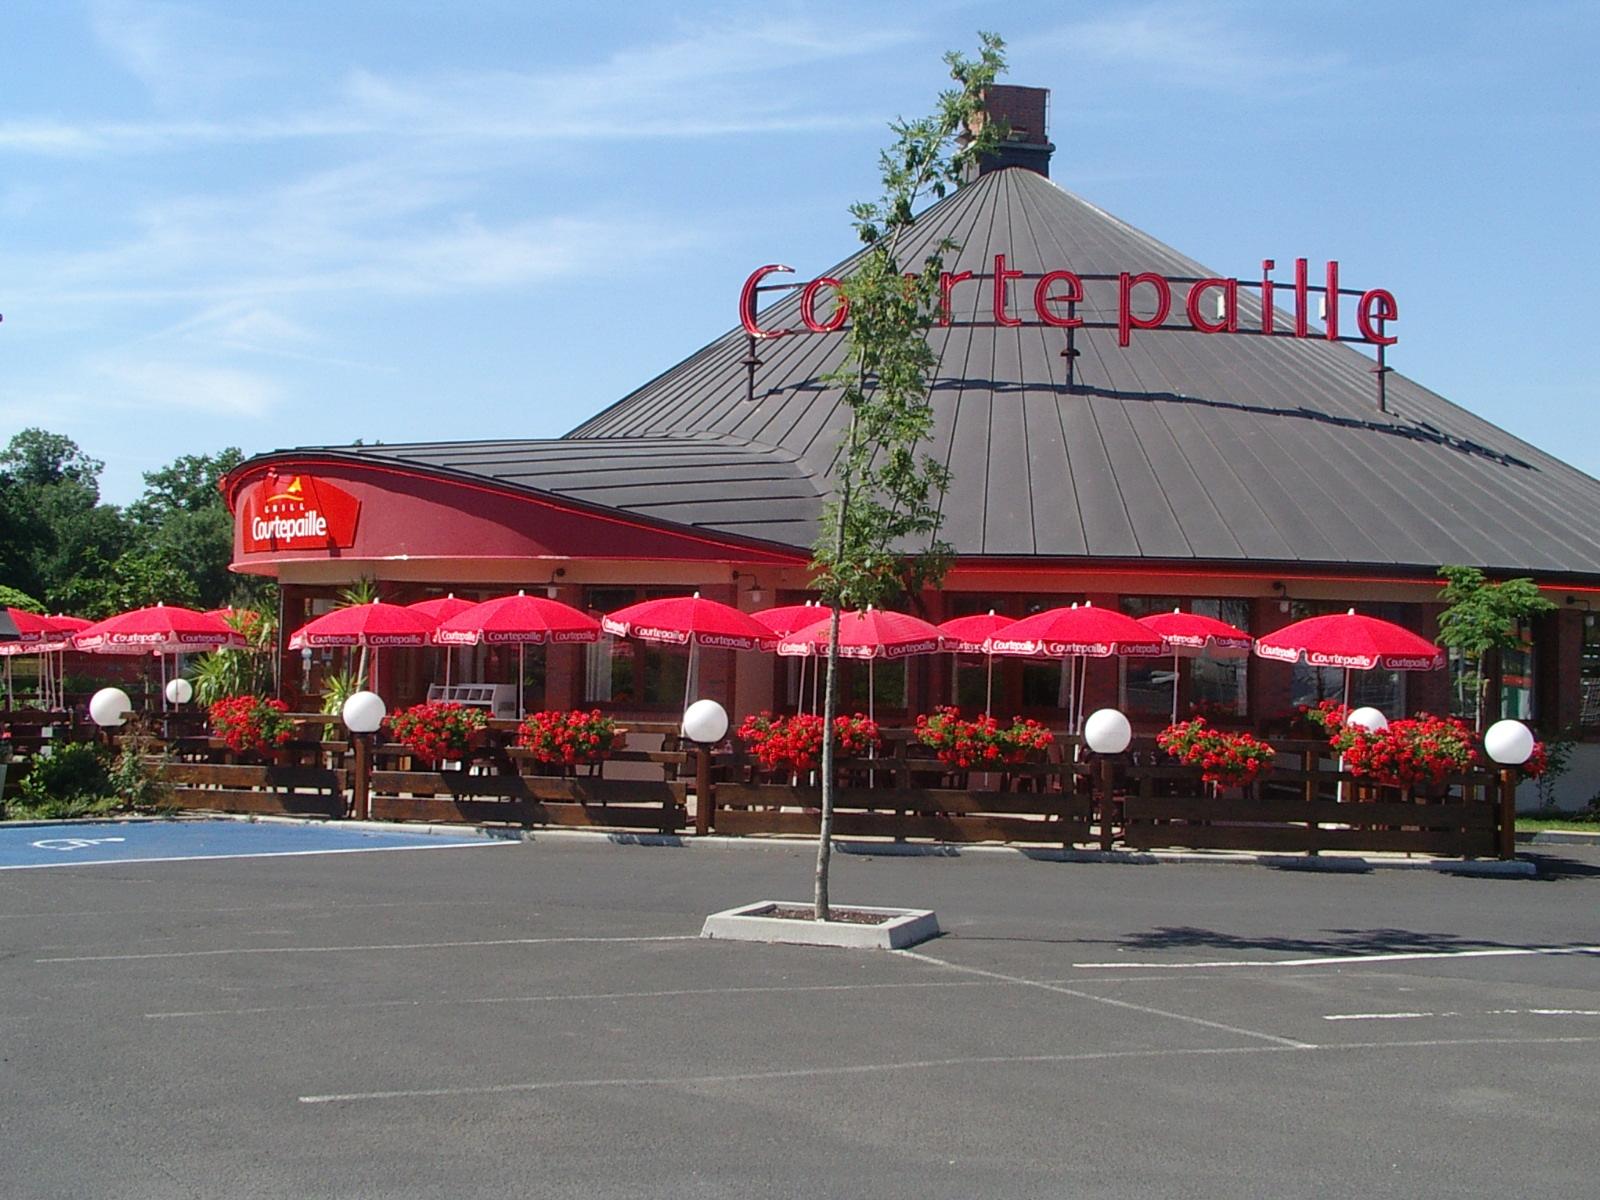 Courtepaille – Issoire